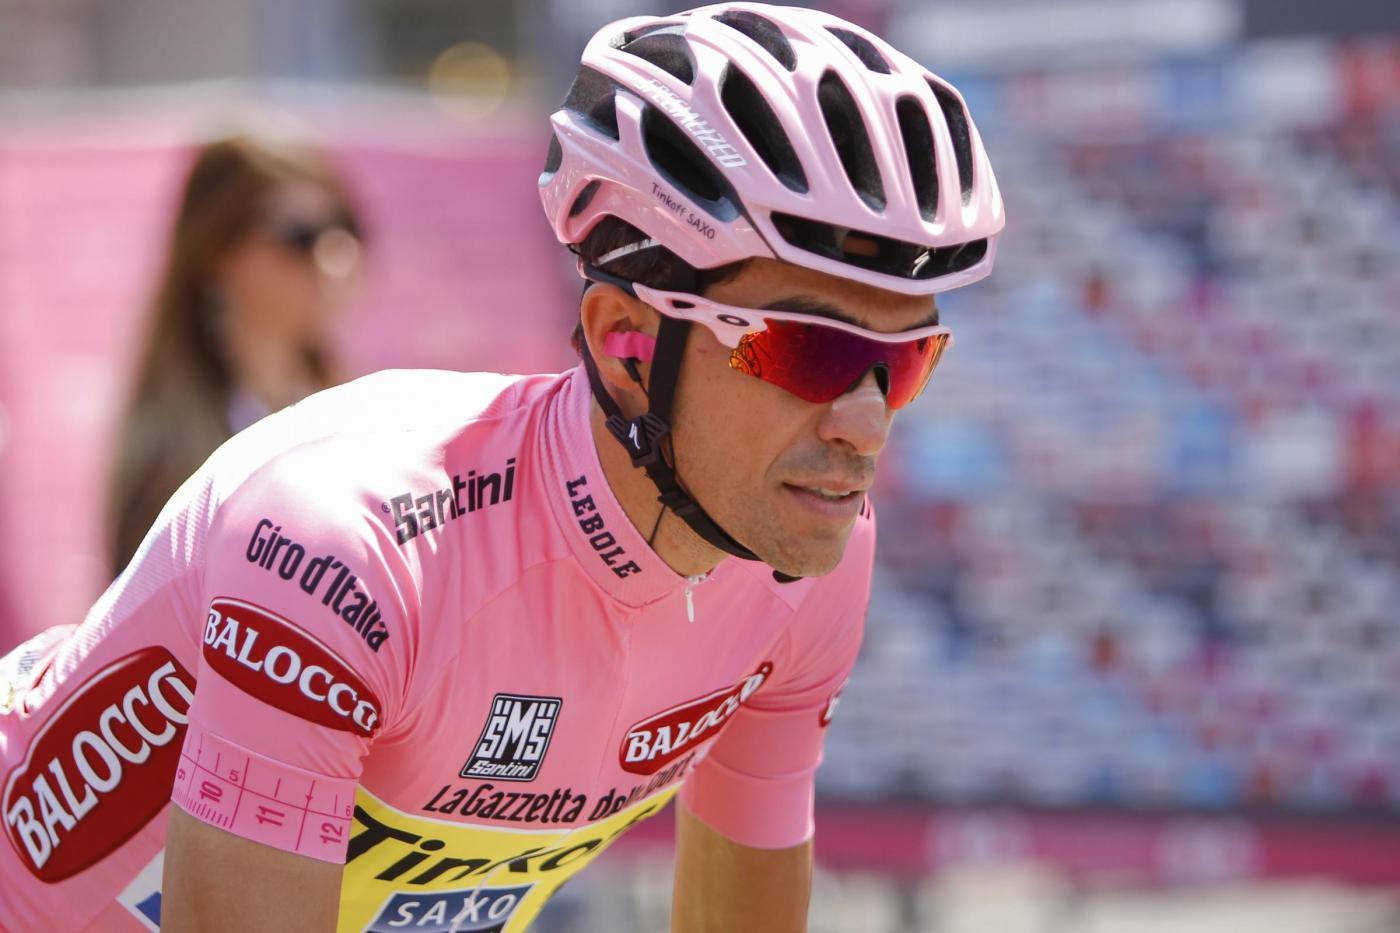 Contador maglia rosa